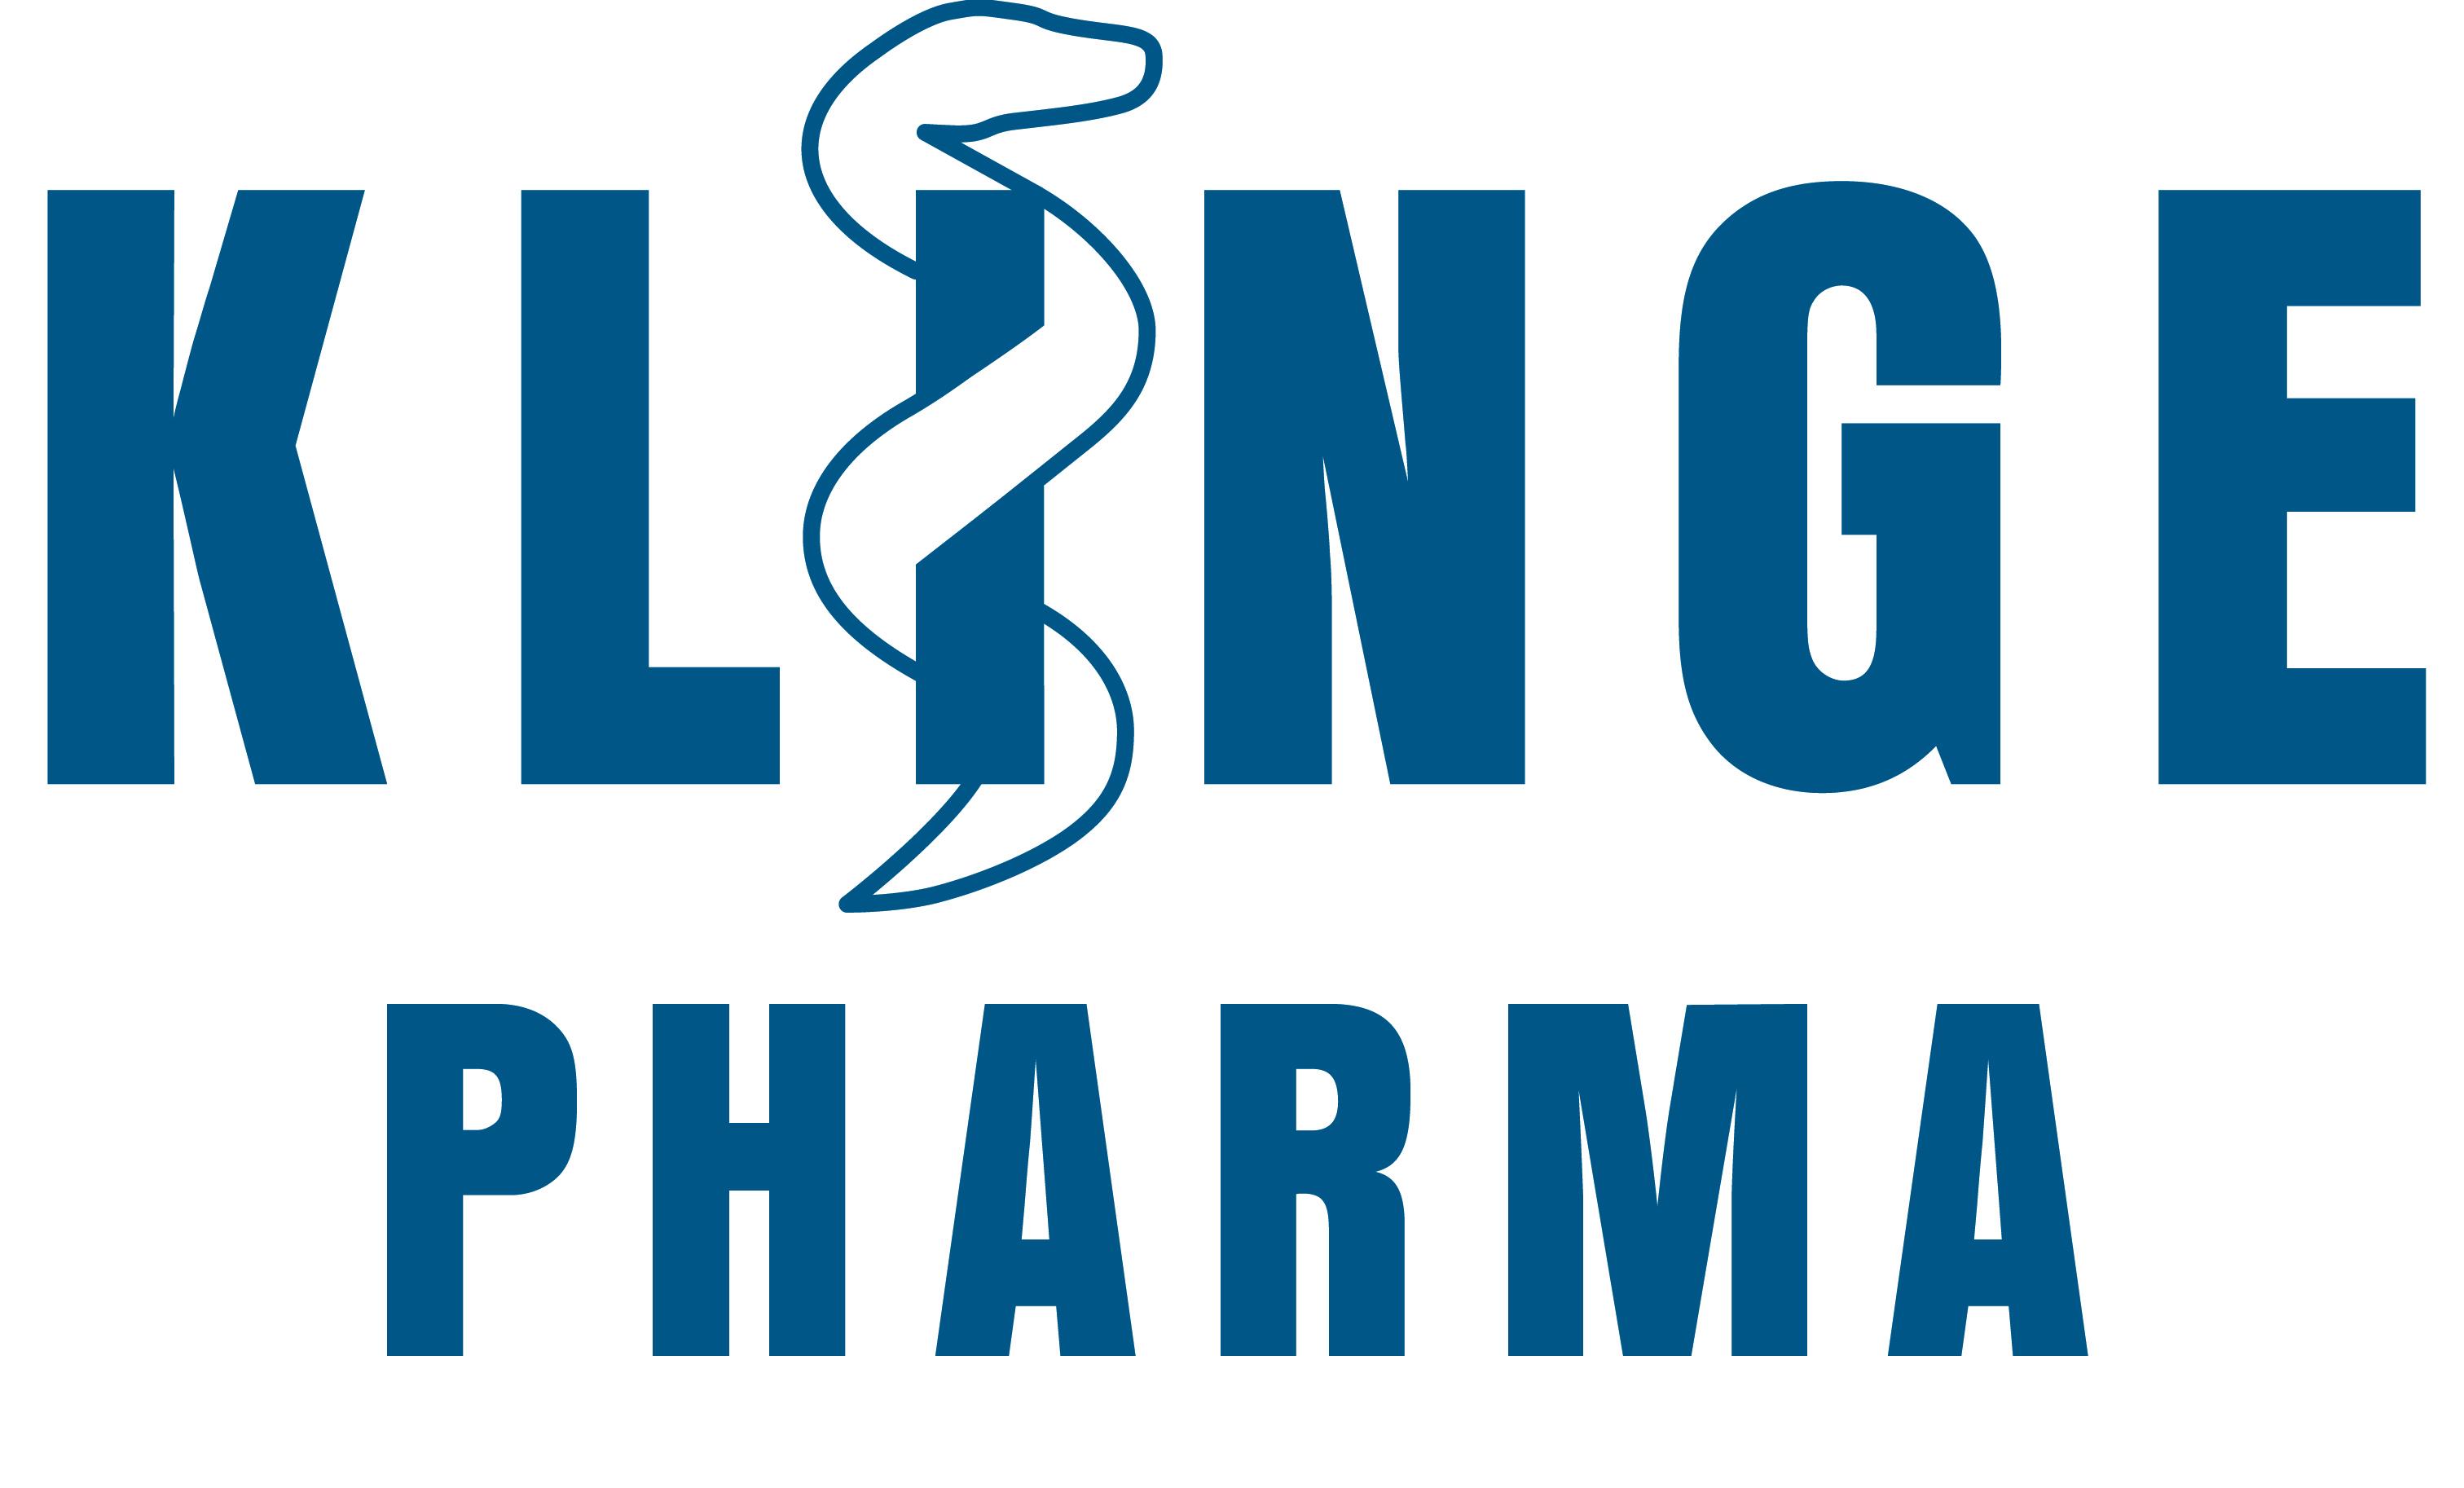 Klinge Pharma